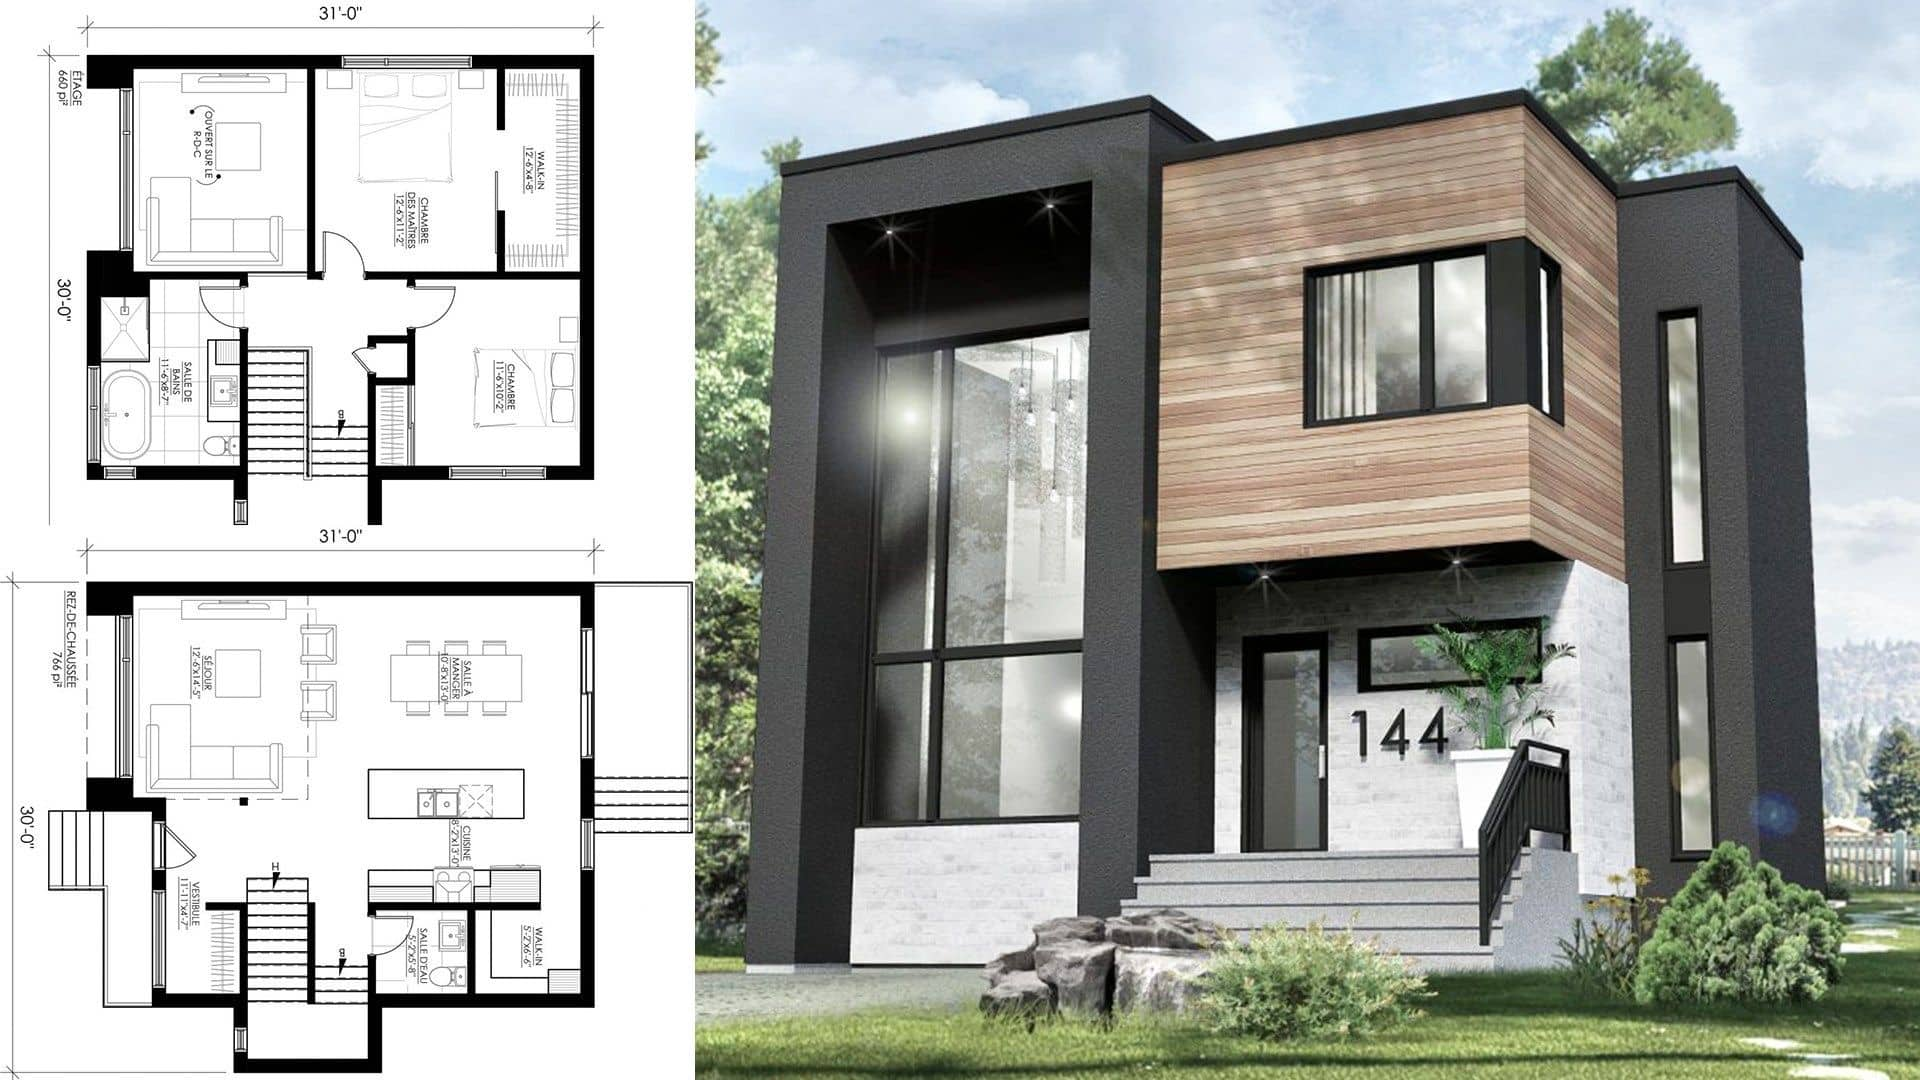 Contoh Desain Rumah Type 30 Modern Dan Keren